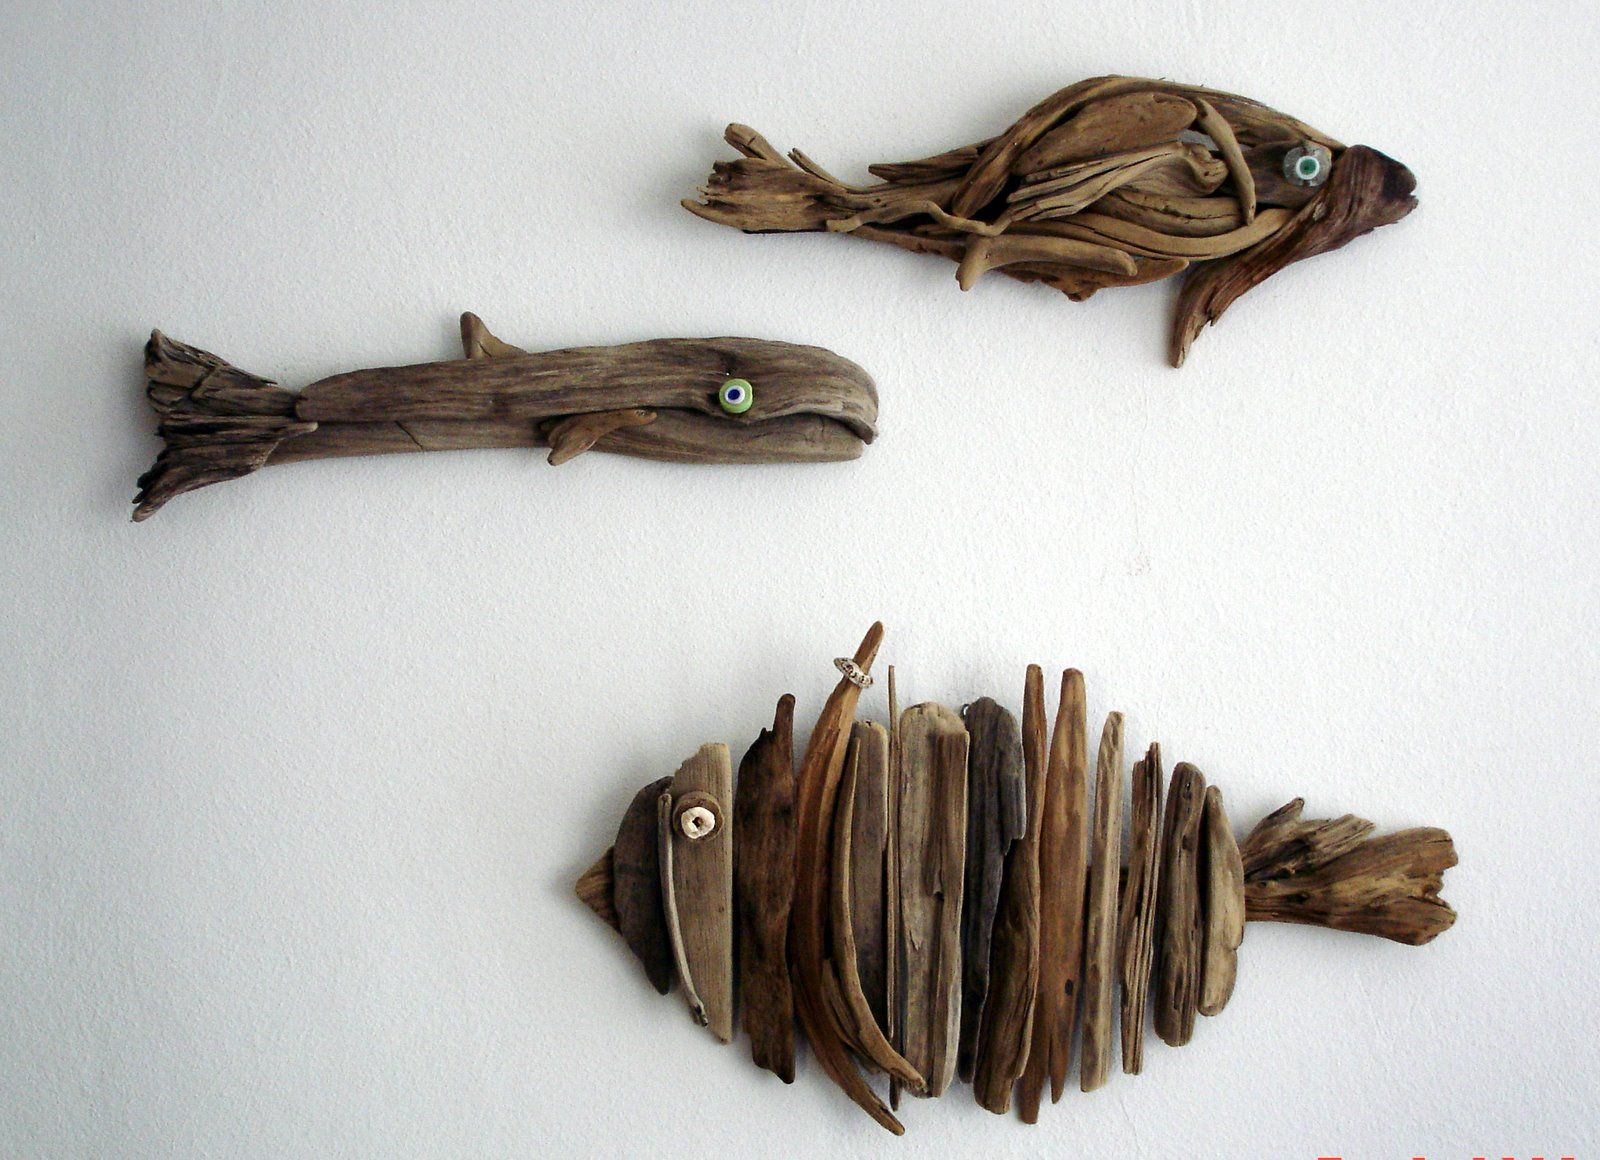 holzfisch basteln und gestalten pinterest fische treibholz und holz. Black Bedroom Furniture Sets. Home Design Ideas